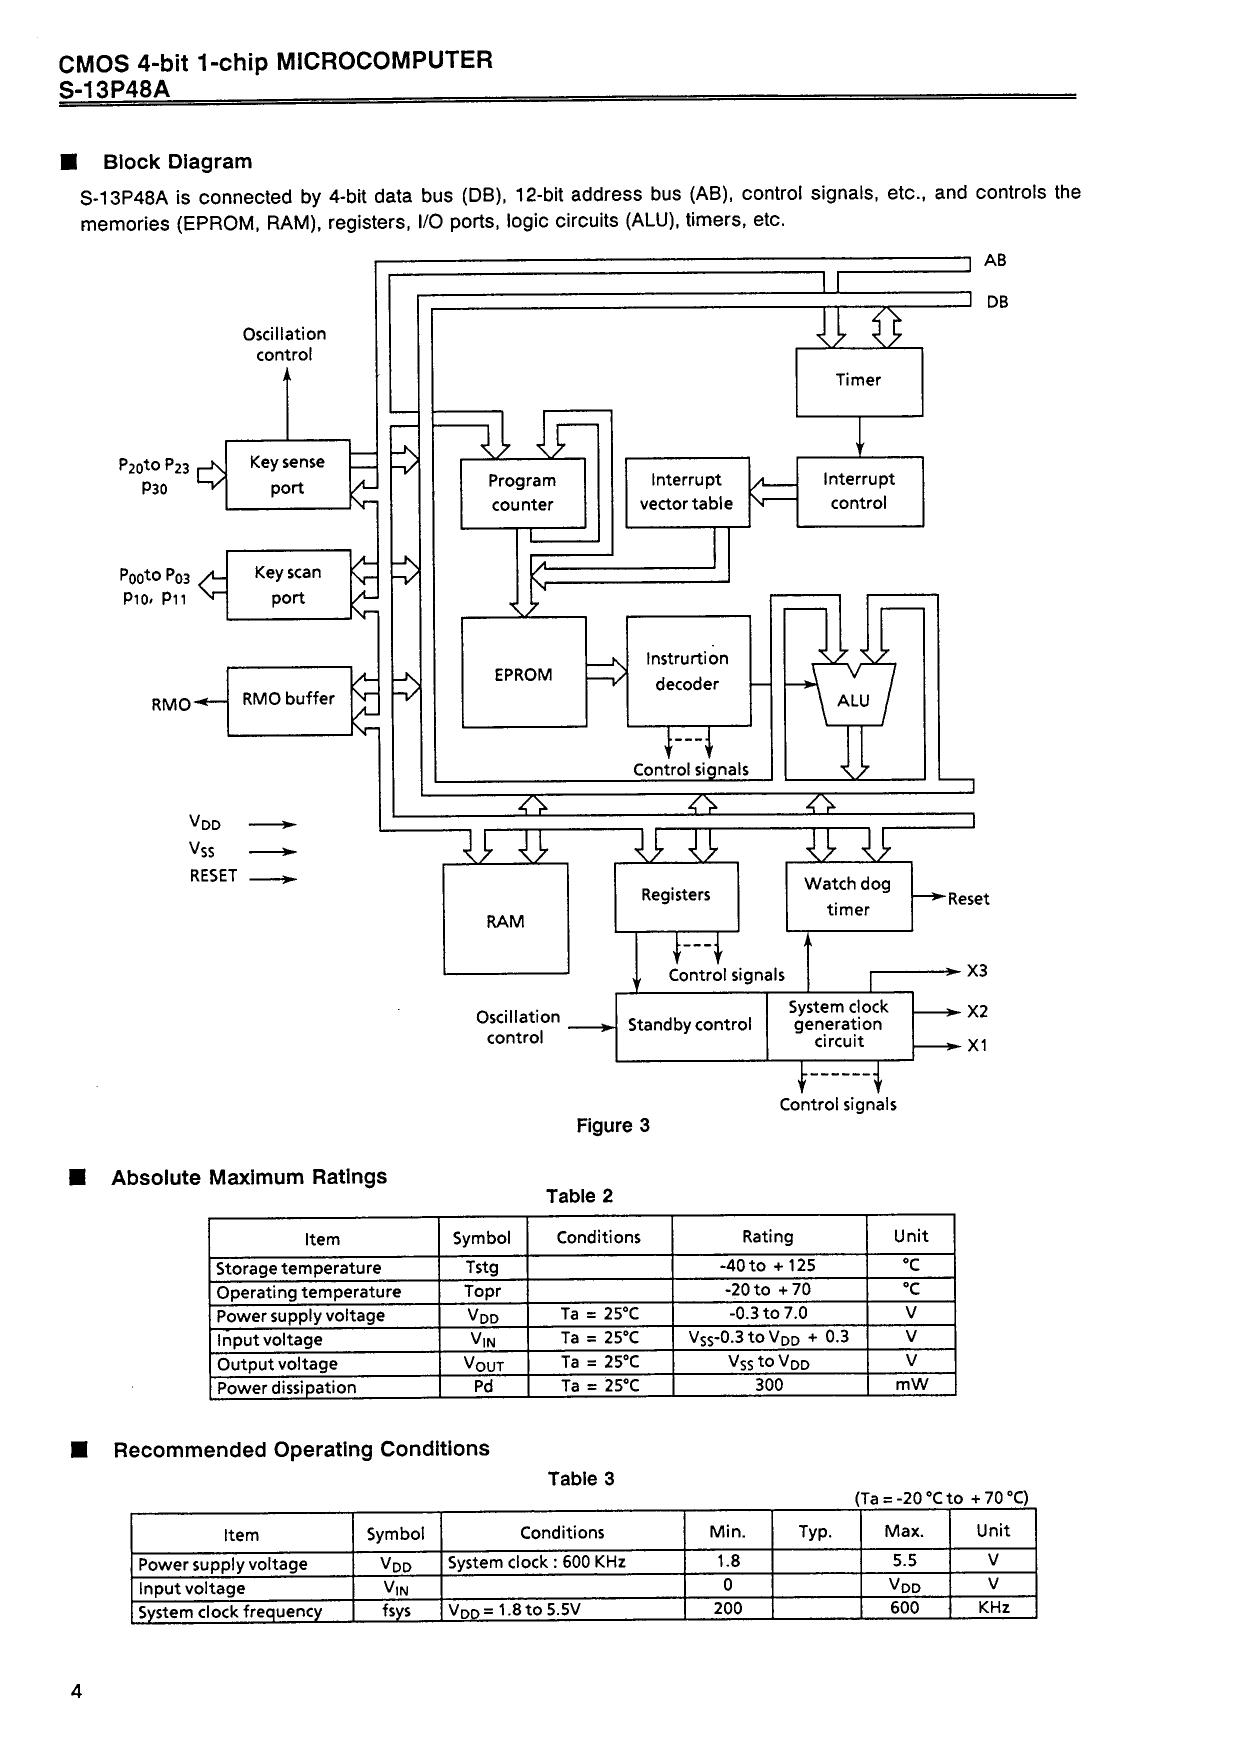 S-13P48A pdf